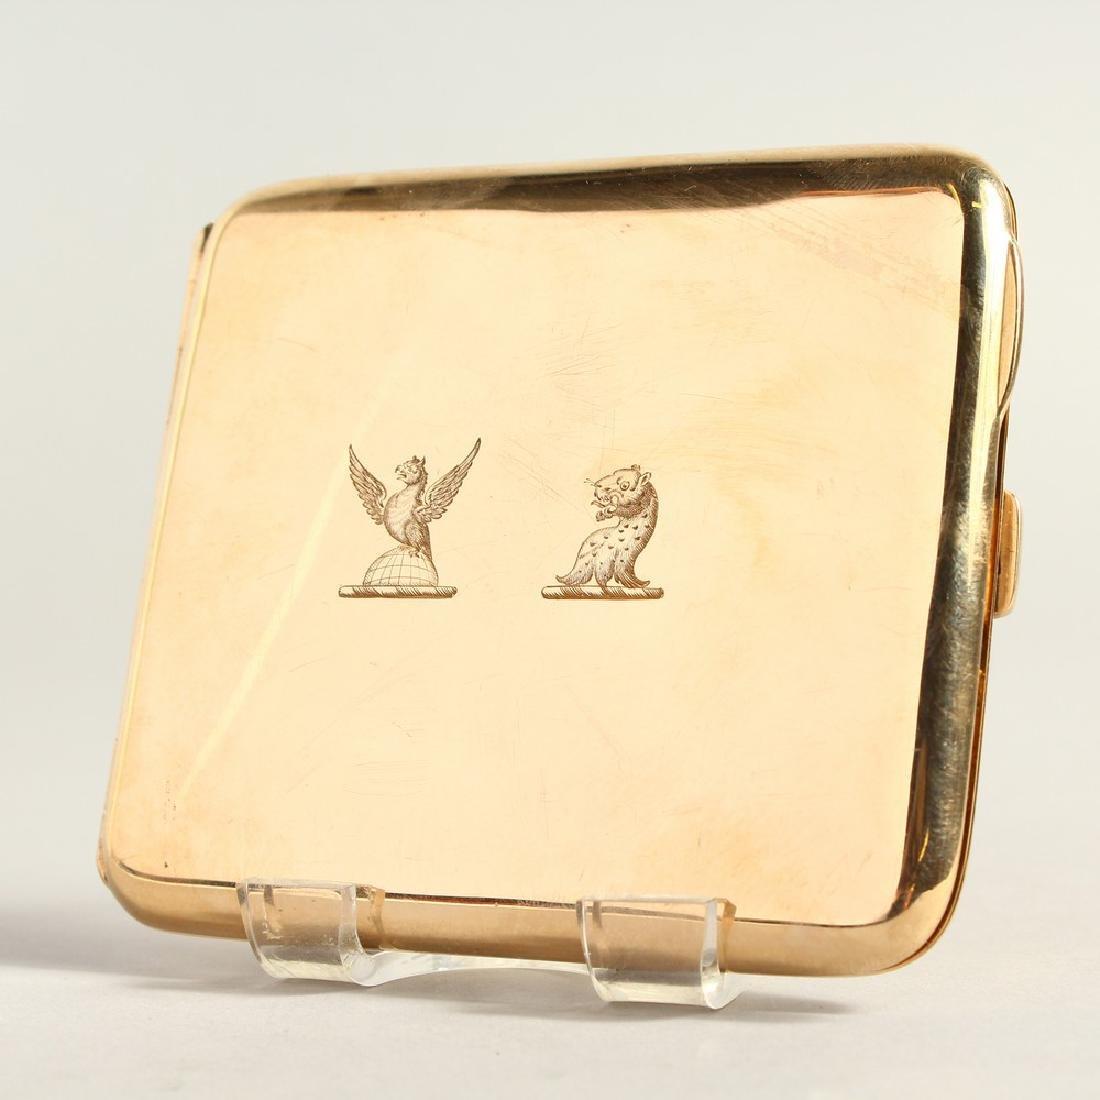 A 9CT GOLD CIGARETTE CASE.  107gms.